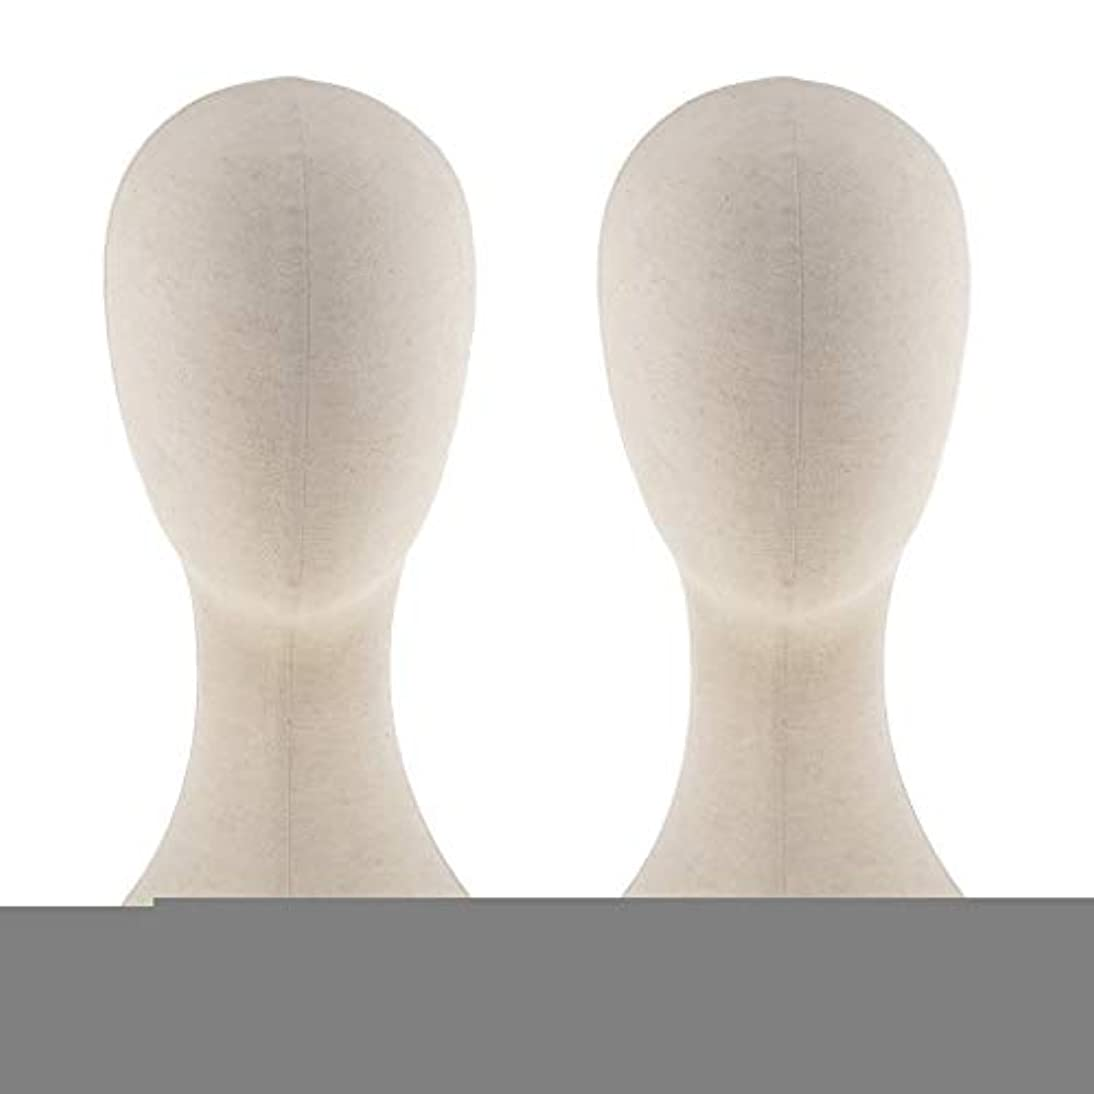 格差運動探すT TOOYFUL キャンバス マネキン ヘッド トルソー 頭 カット練習 頭部 女性 ウィッグマネキン ウィッグスタンド2個